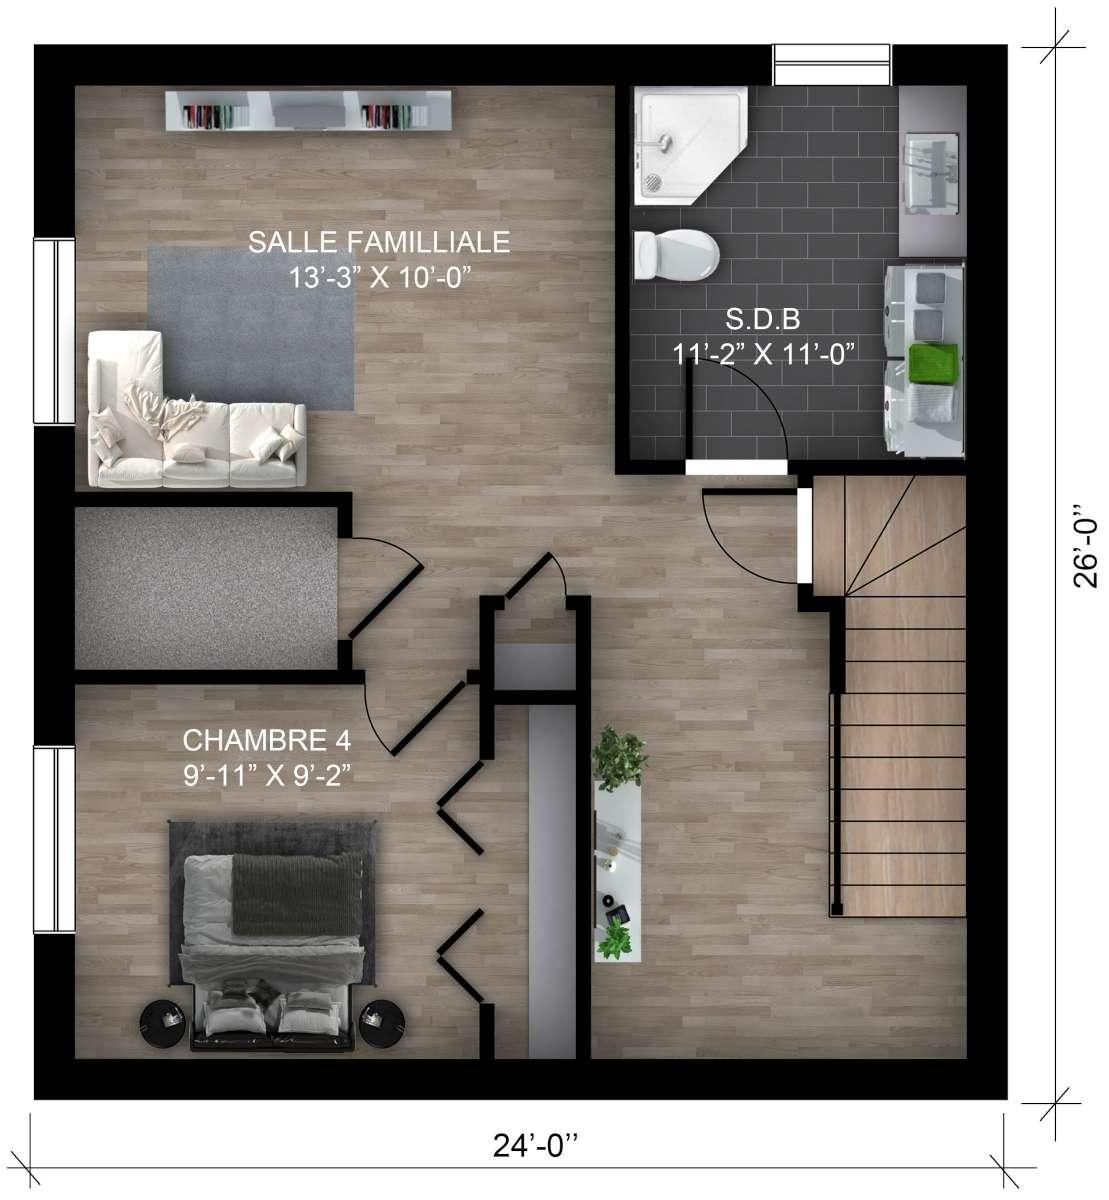 Sous-sol une chambre et salle familiale (cliquez l'image pour agrandir)